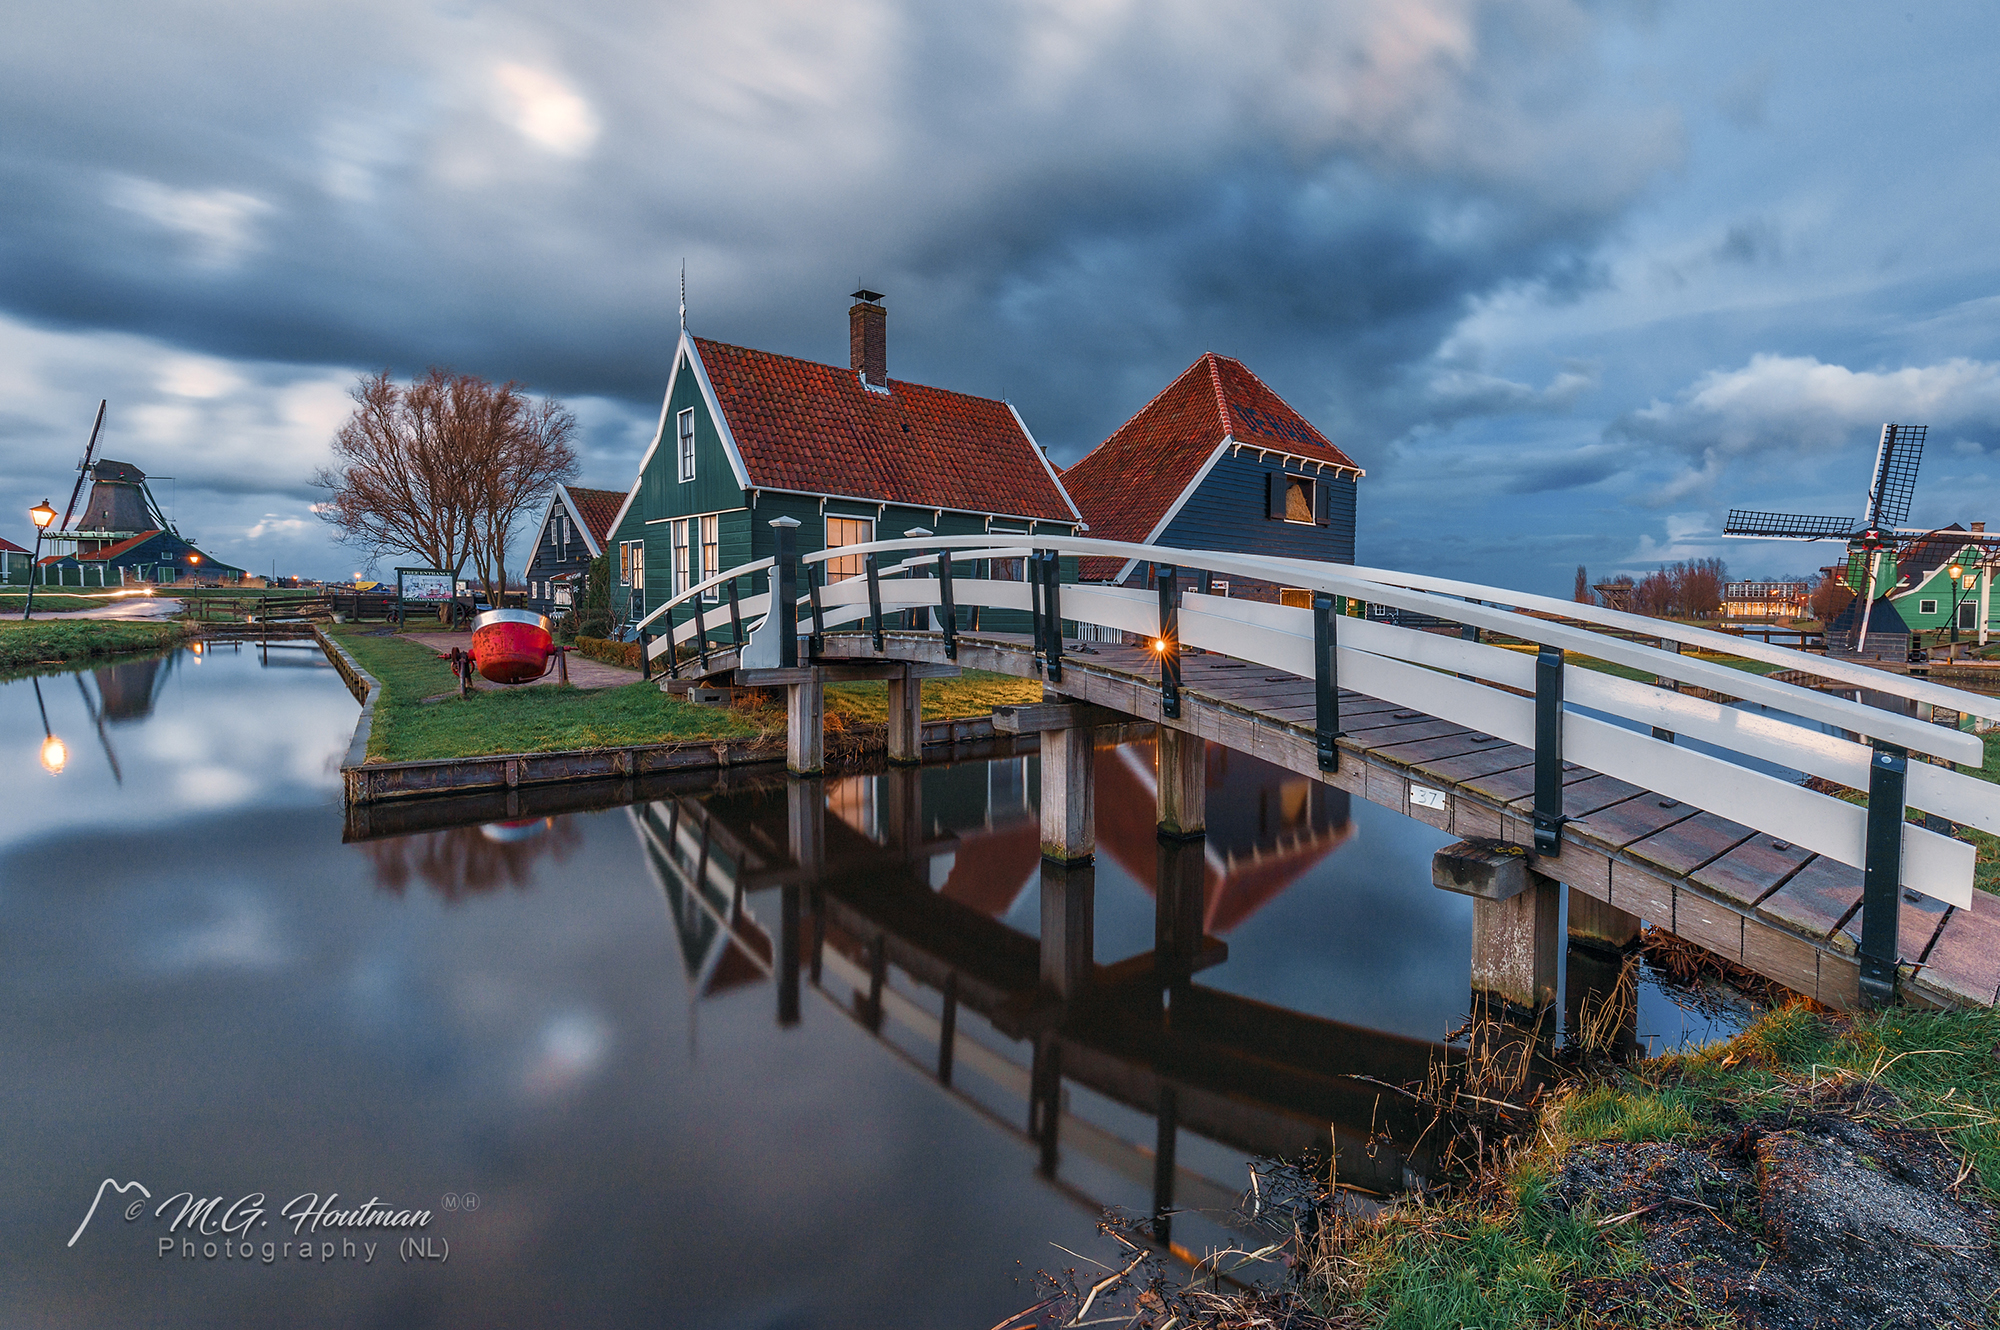 2018, MGH-NL, Nederland, Netherlands, wolken, The Old Cheesefarm, Zaanse Schans, Zeilenmalerspad